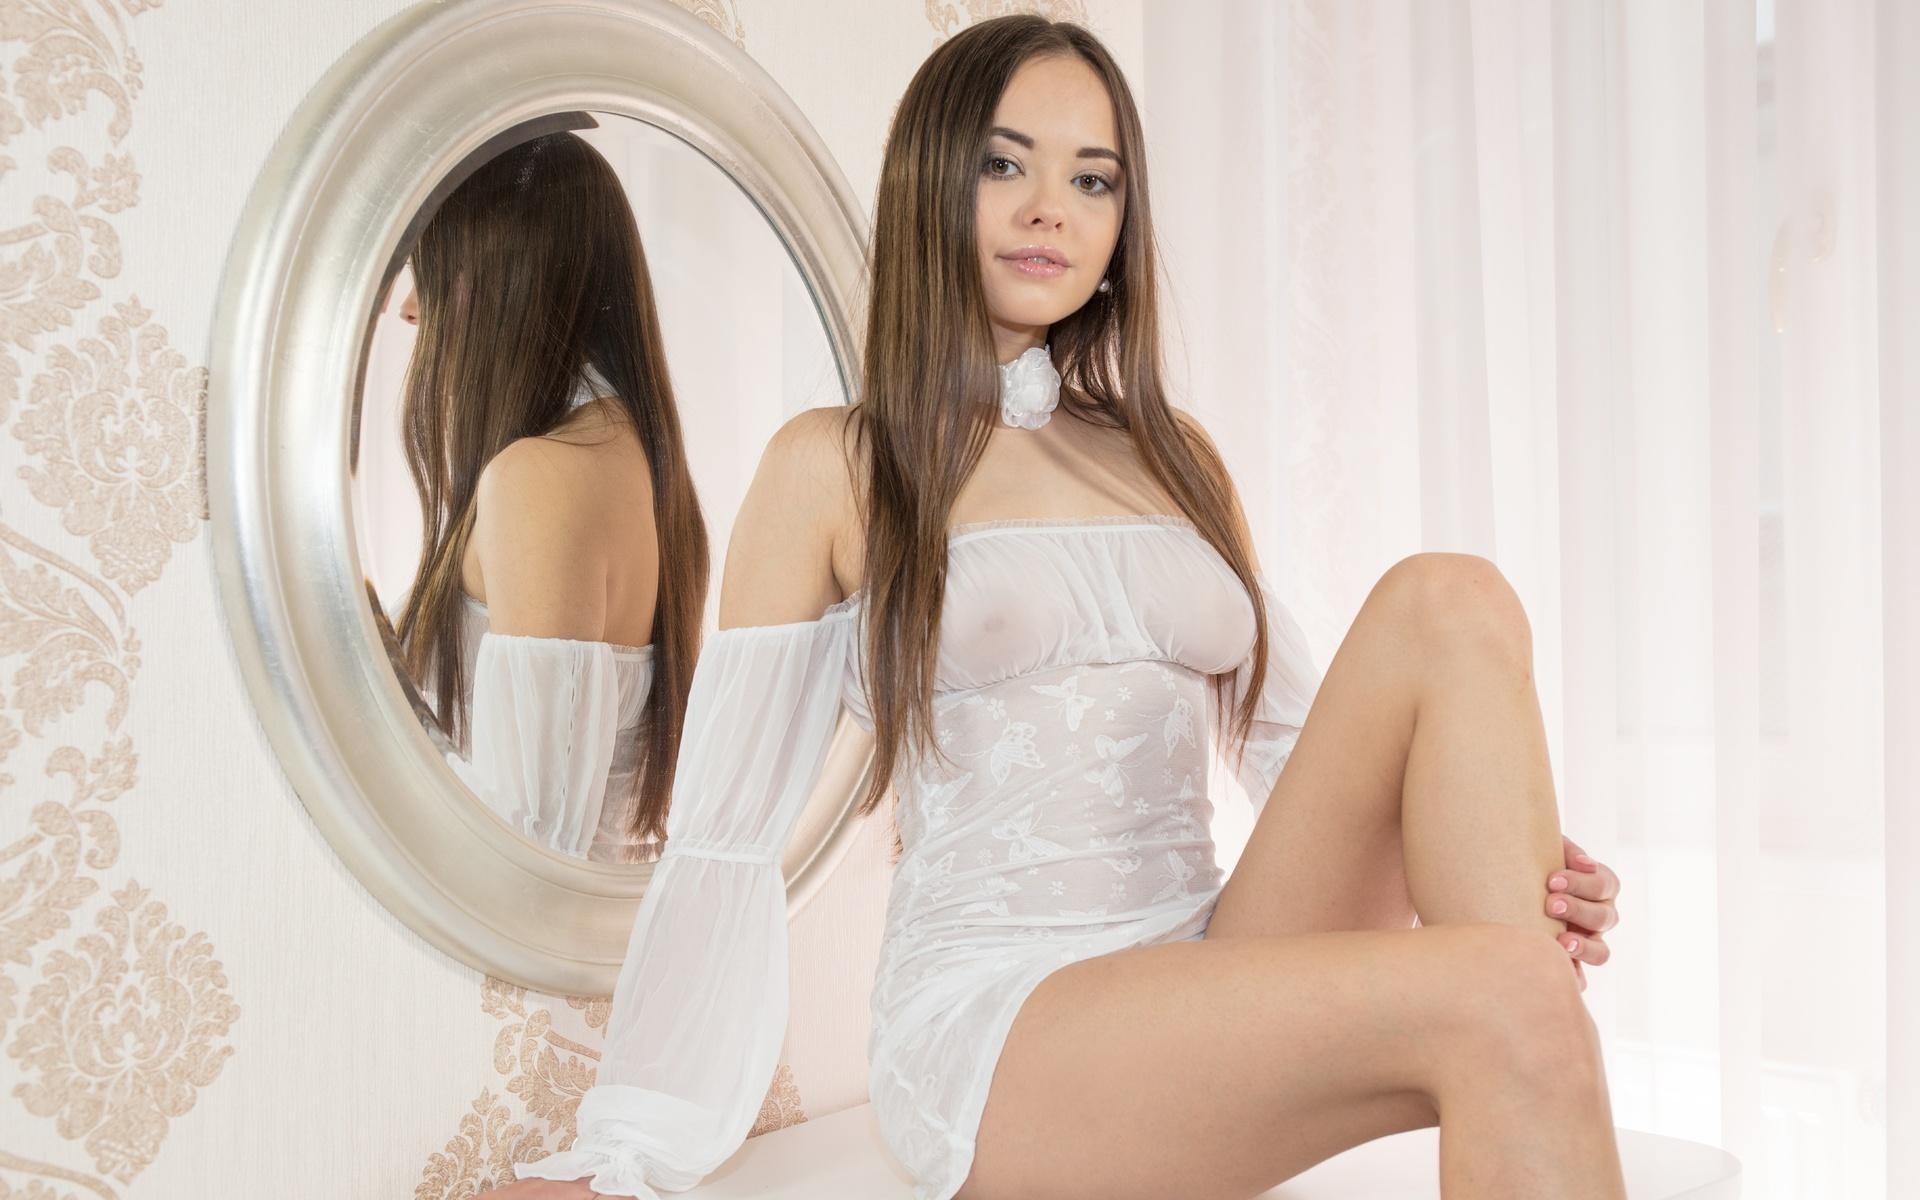 Татарку в жопу онлайн, Татарин ебёт в красивую жопу девушку 20 фотография